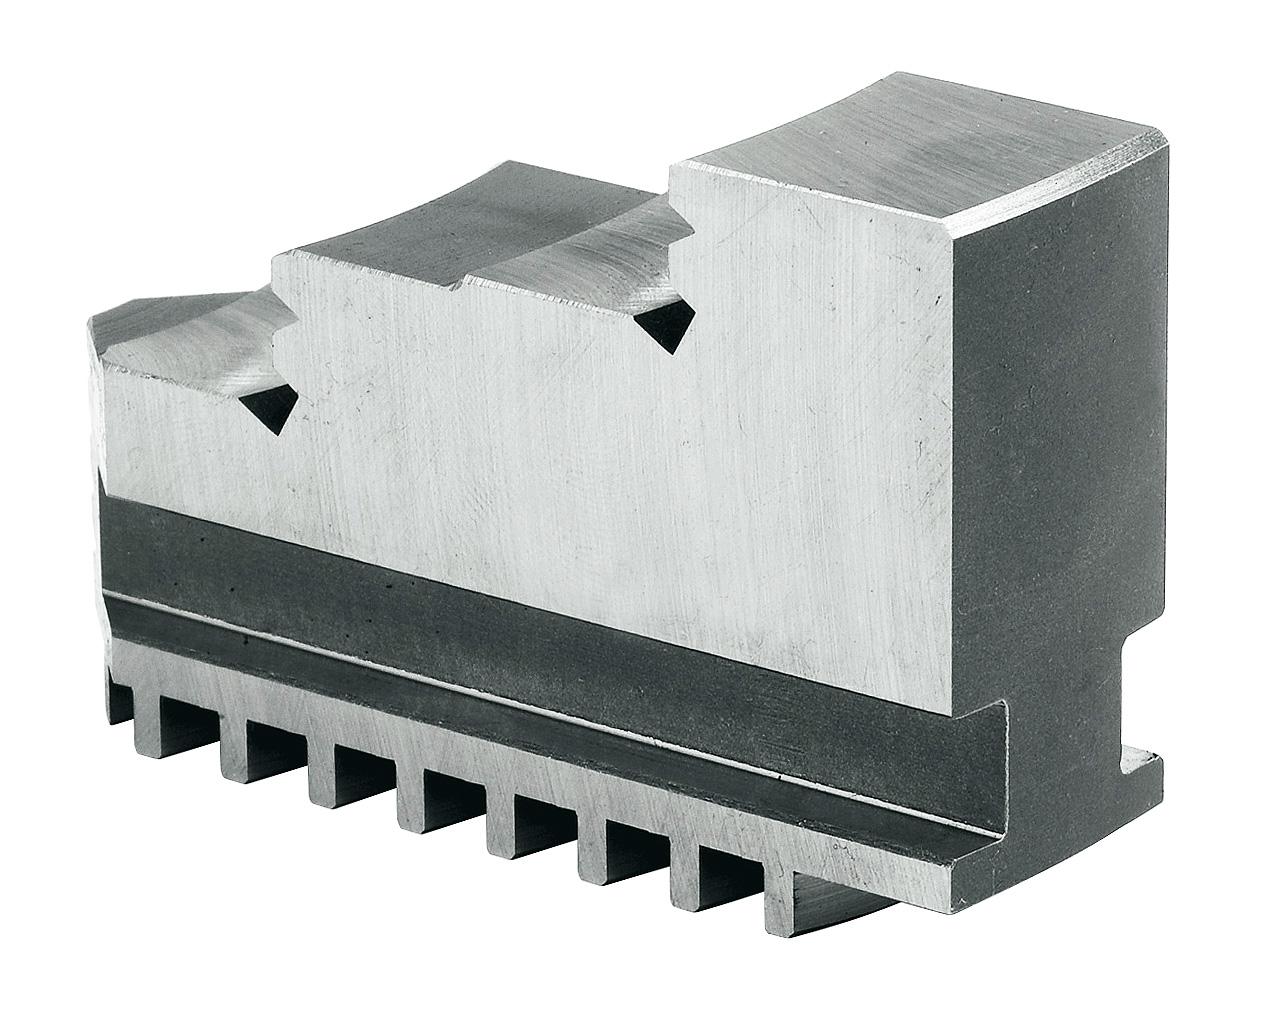 Szczęki jednolite twarde wewnętrzne - komplet DIJ-DK12-125 BERNARDO